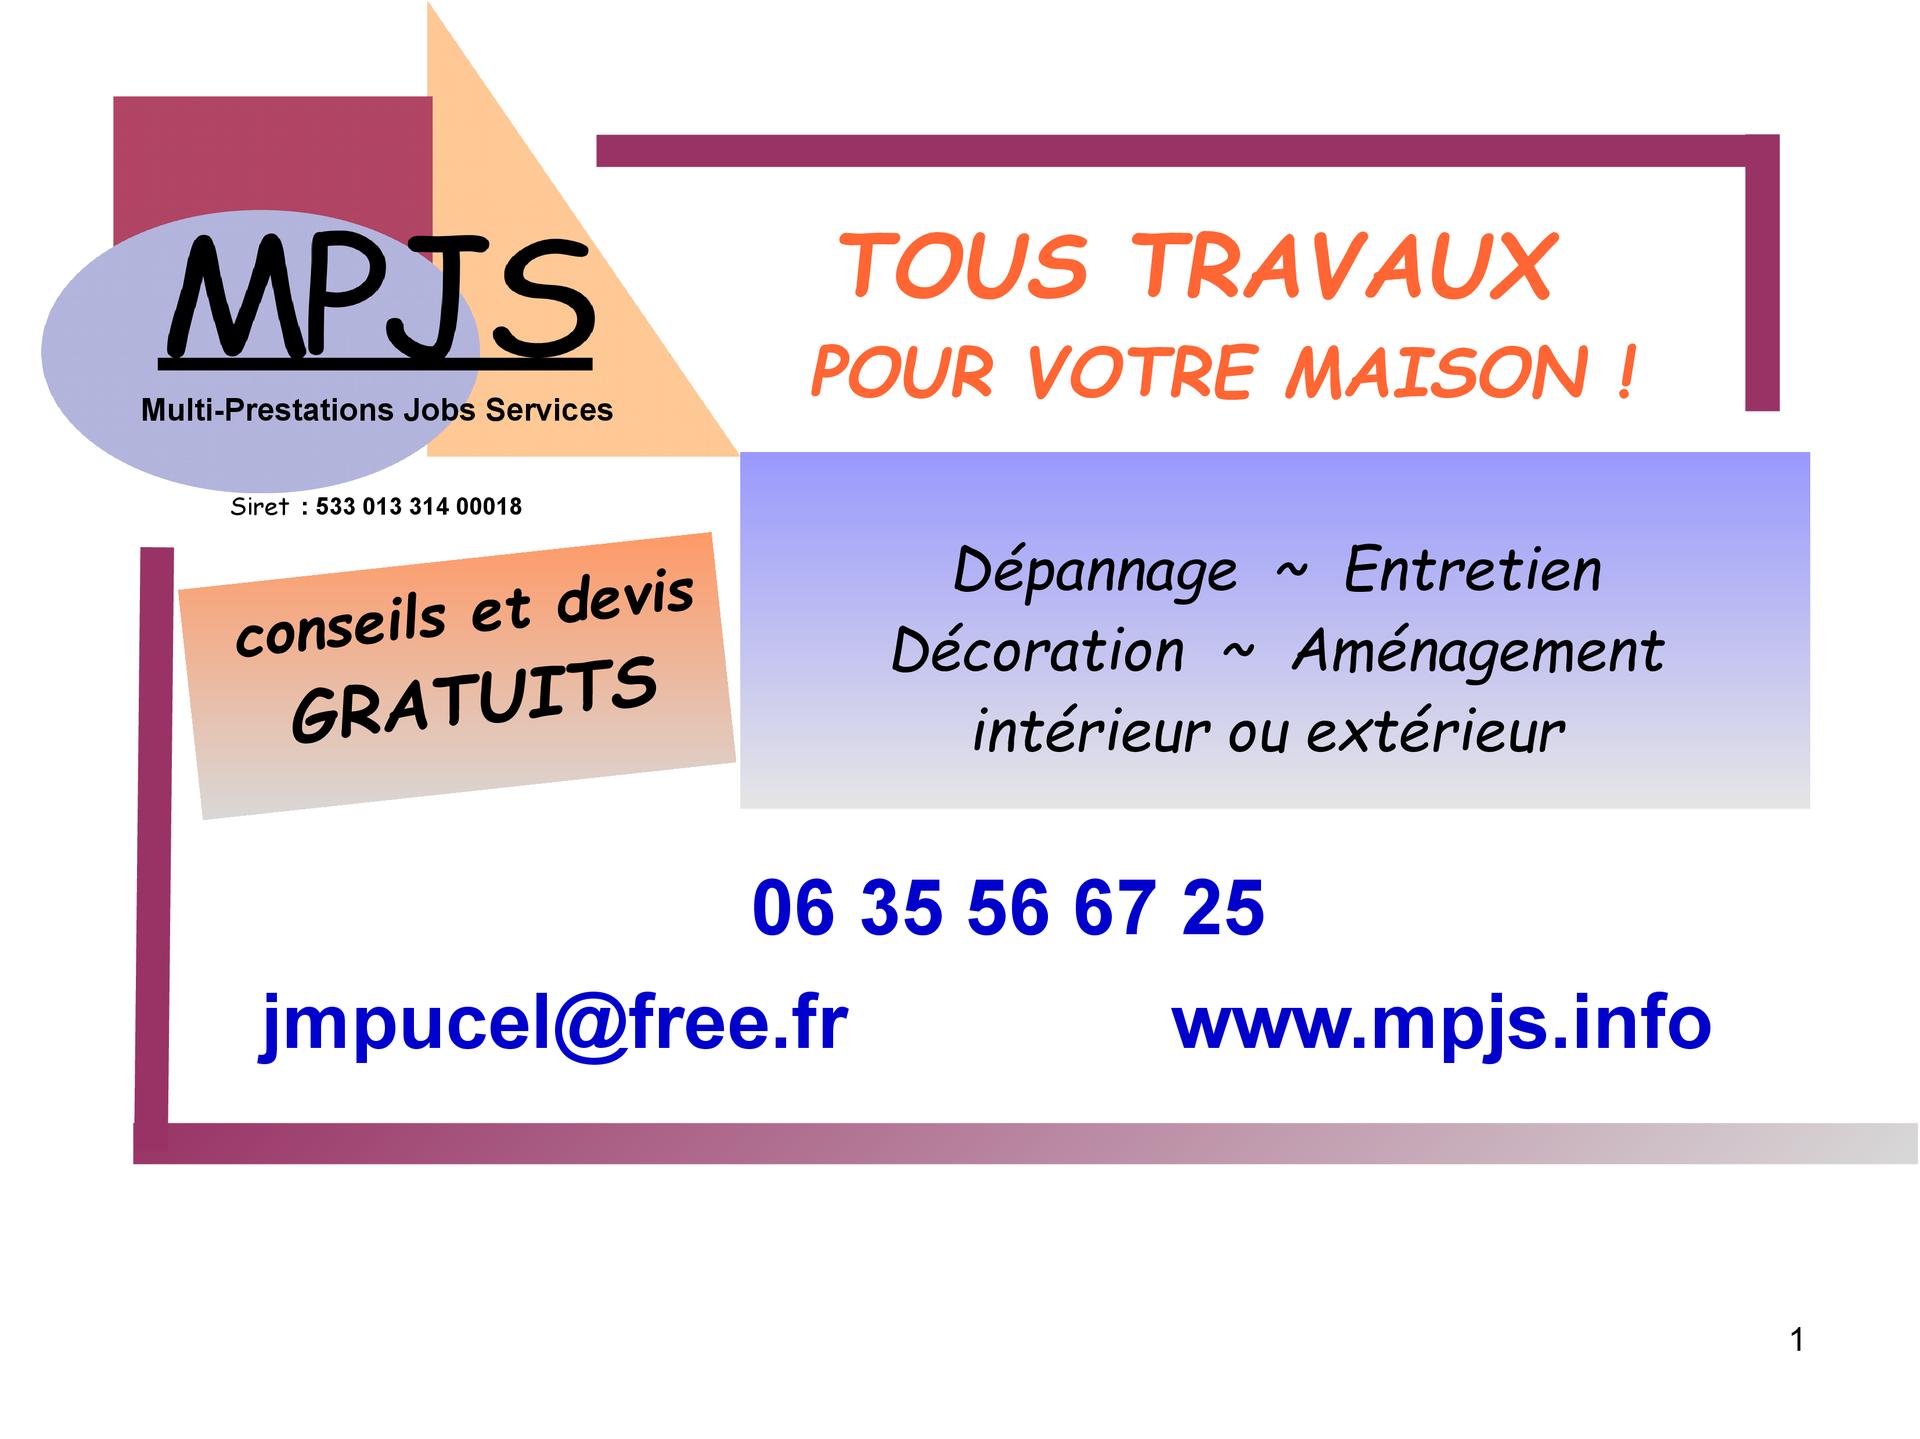 MPJS bricolage, outillage (détail)